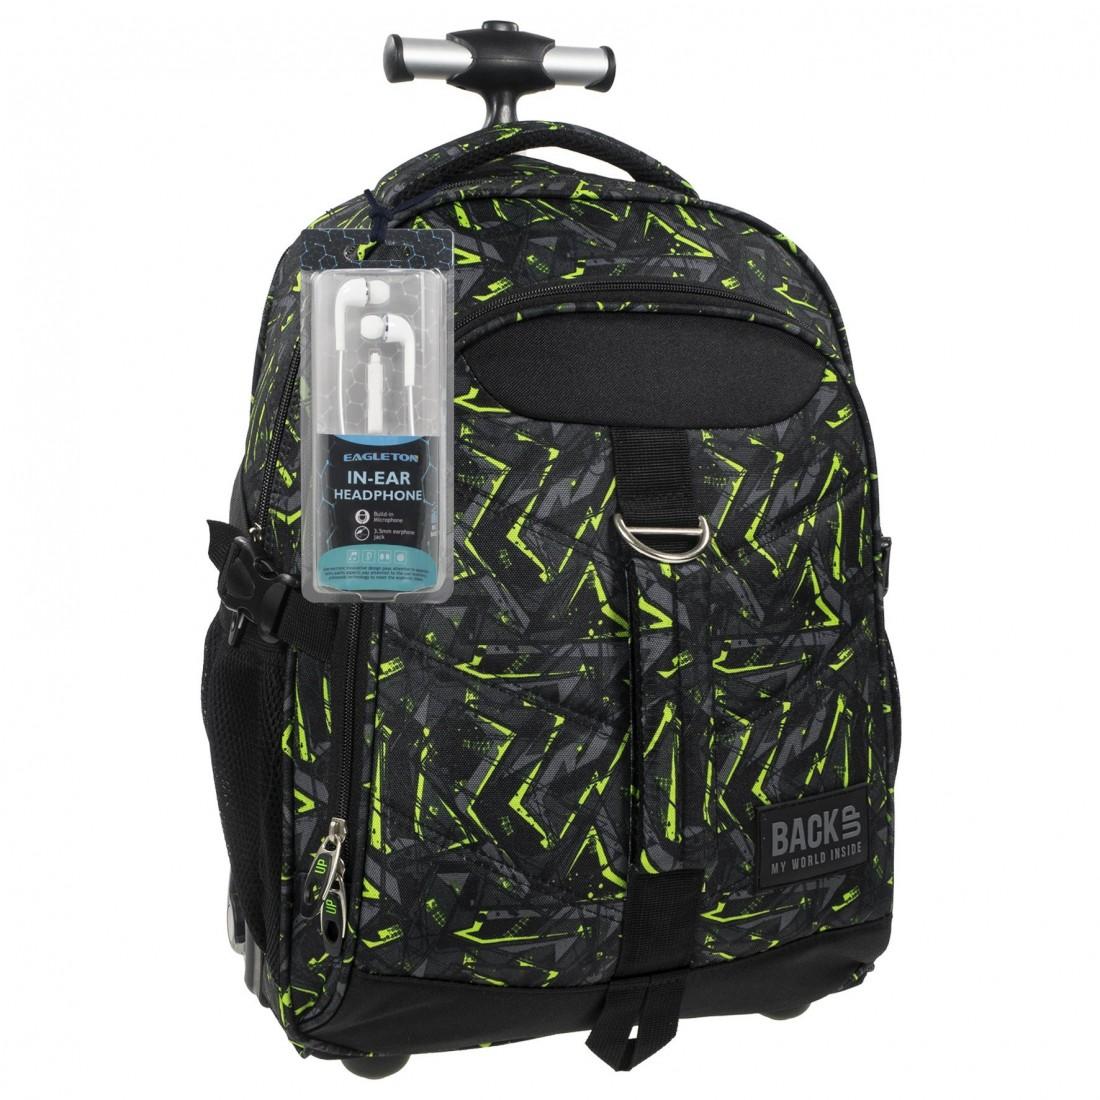 Plecak na kółkach dla chłopaka szary z zielonym BackUP K 31 - SŁUCHAWKI gratis - plecak-tornister.pl